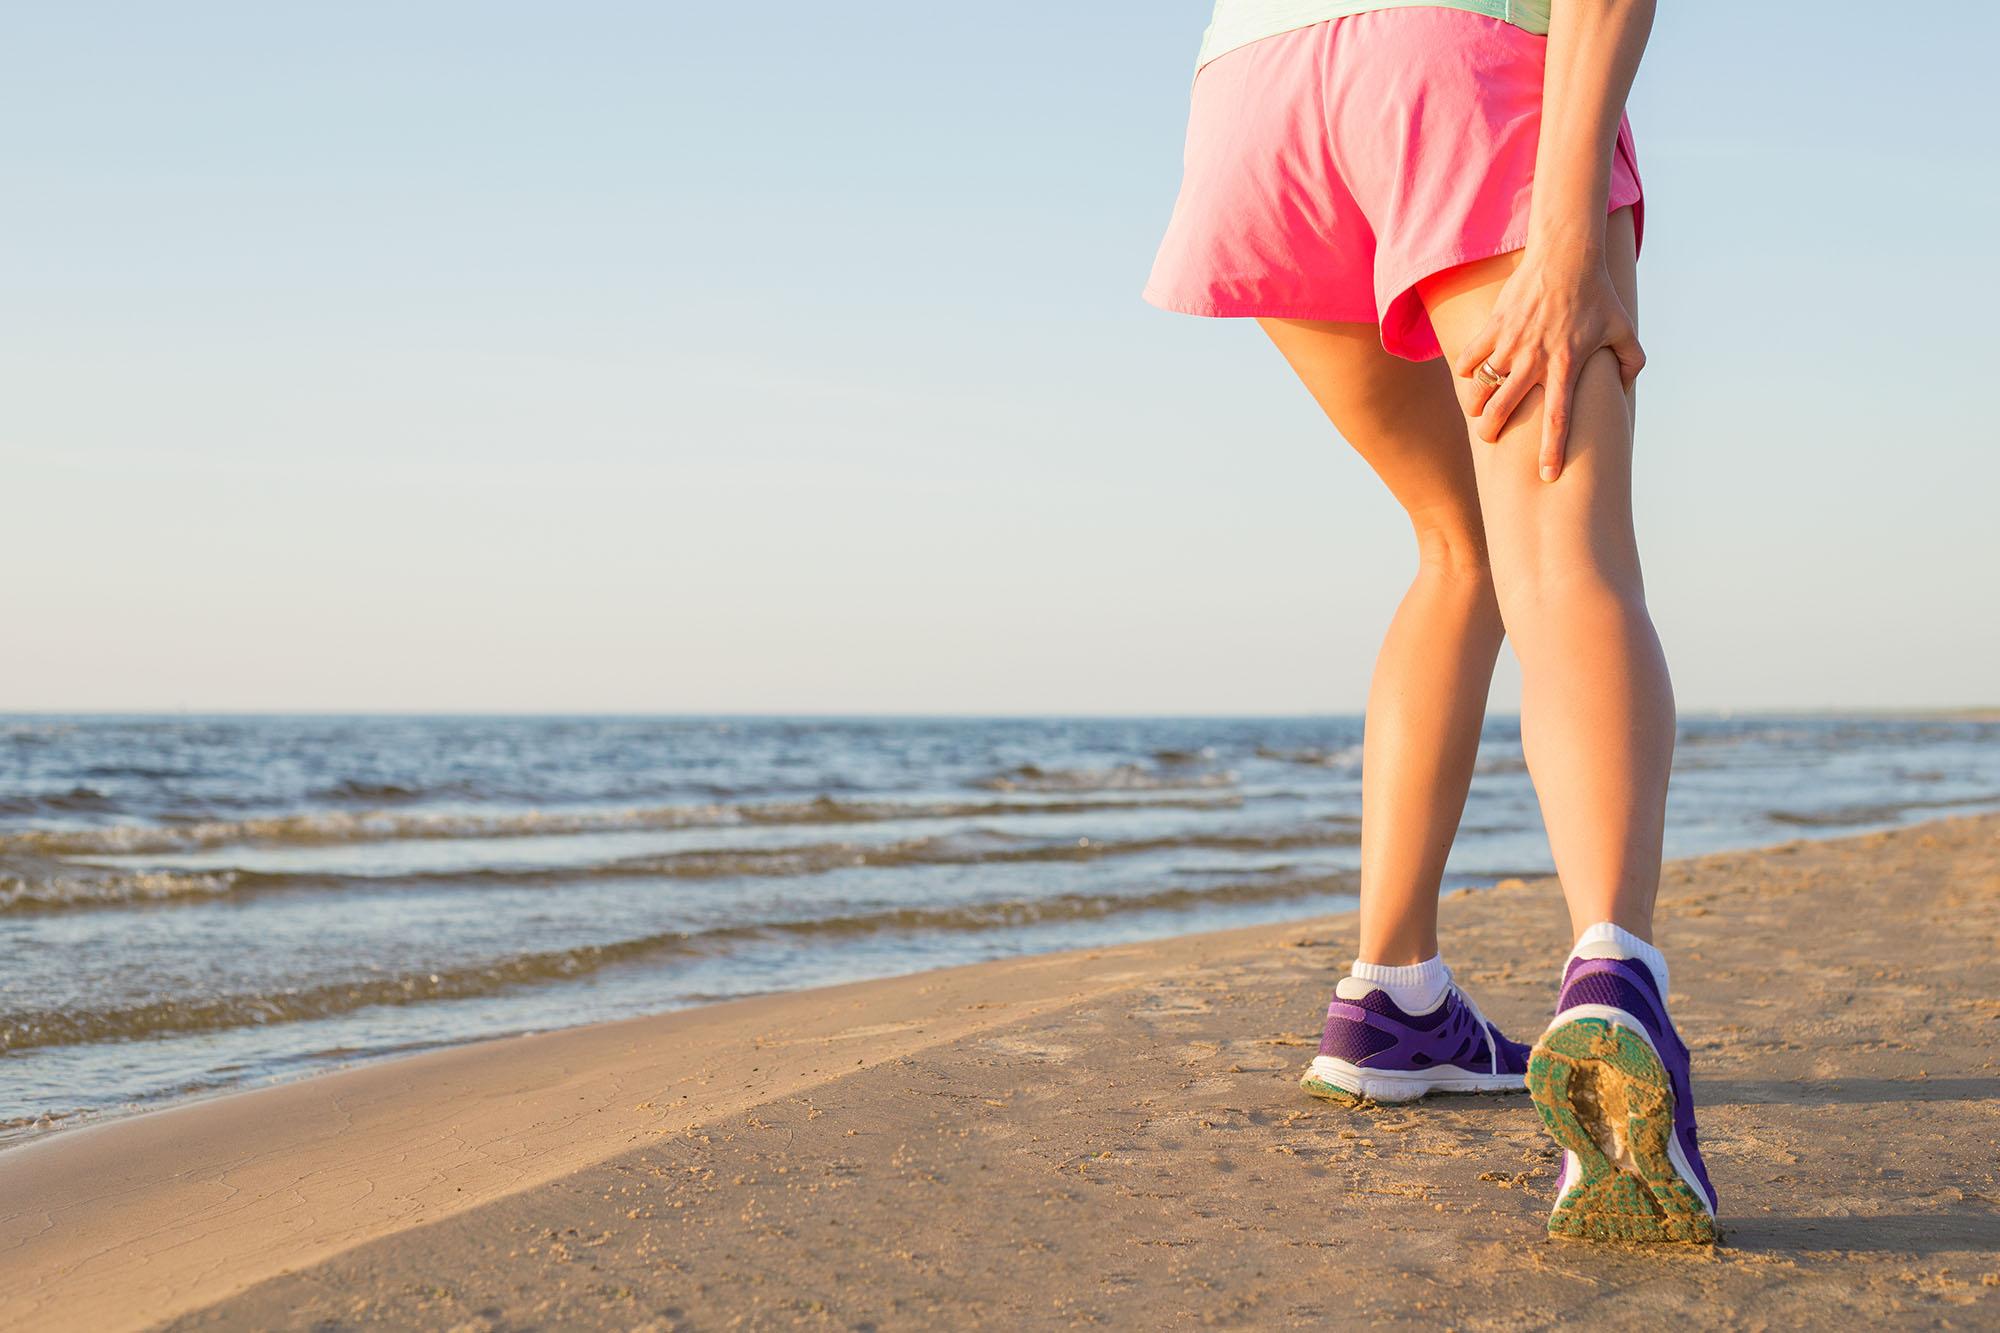 Hamstrings | Injuries & Treatment Strategies